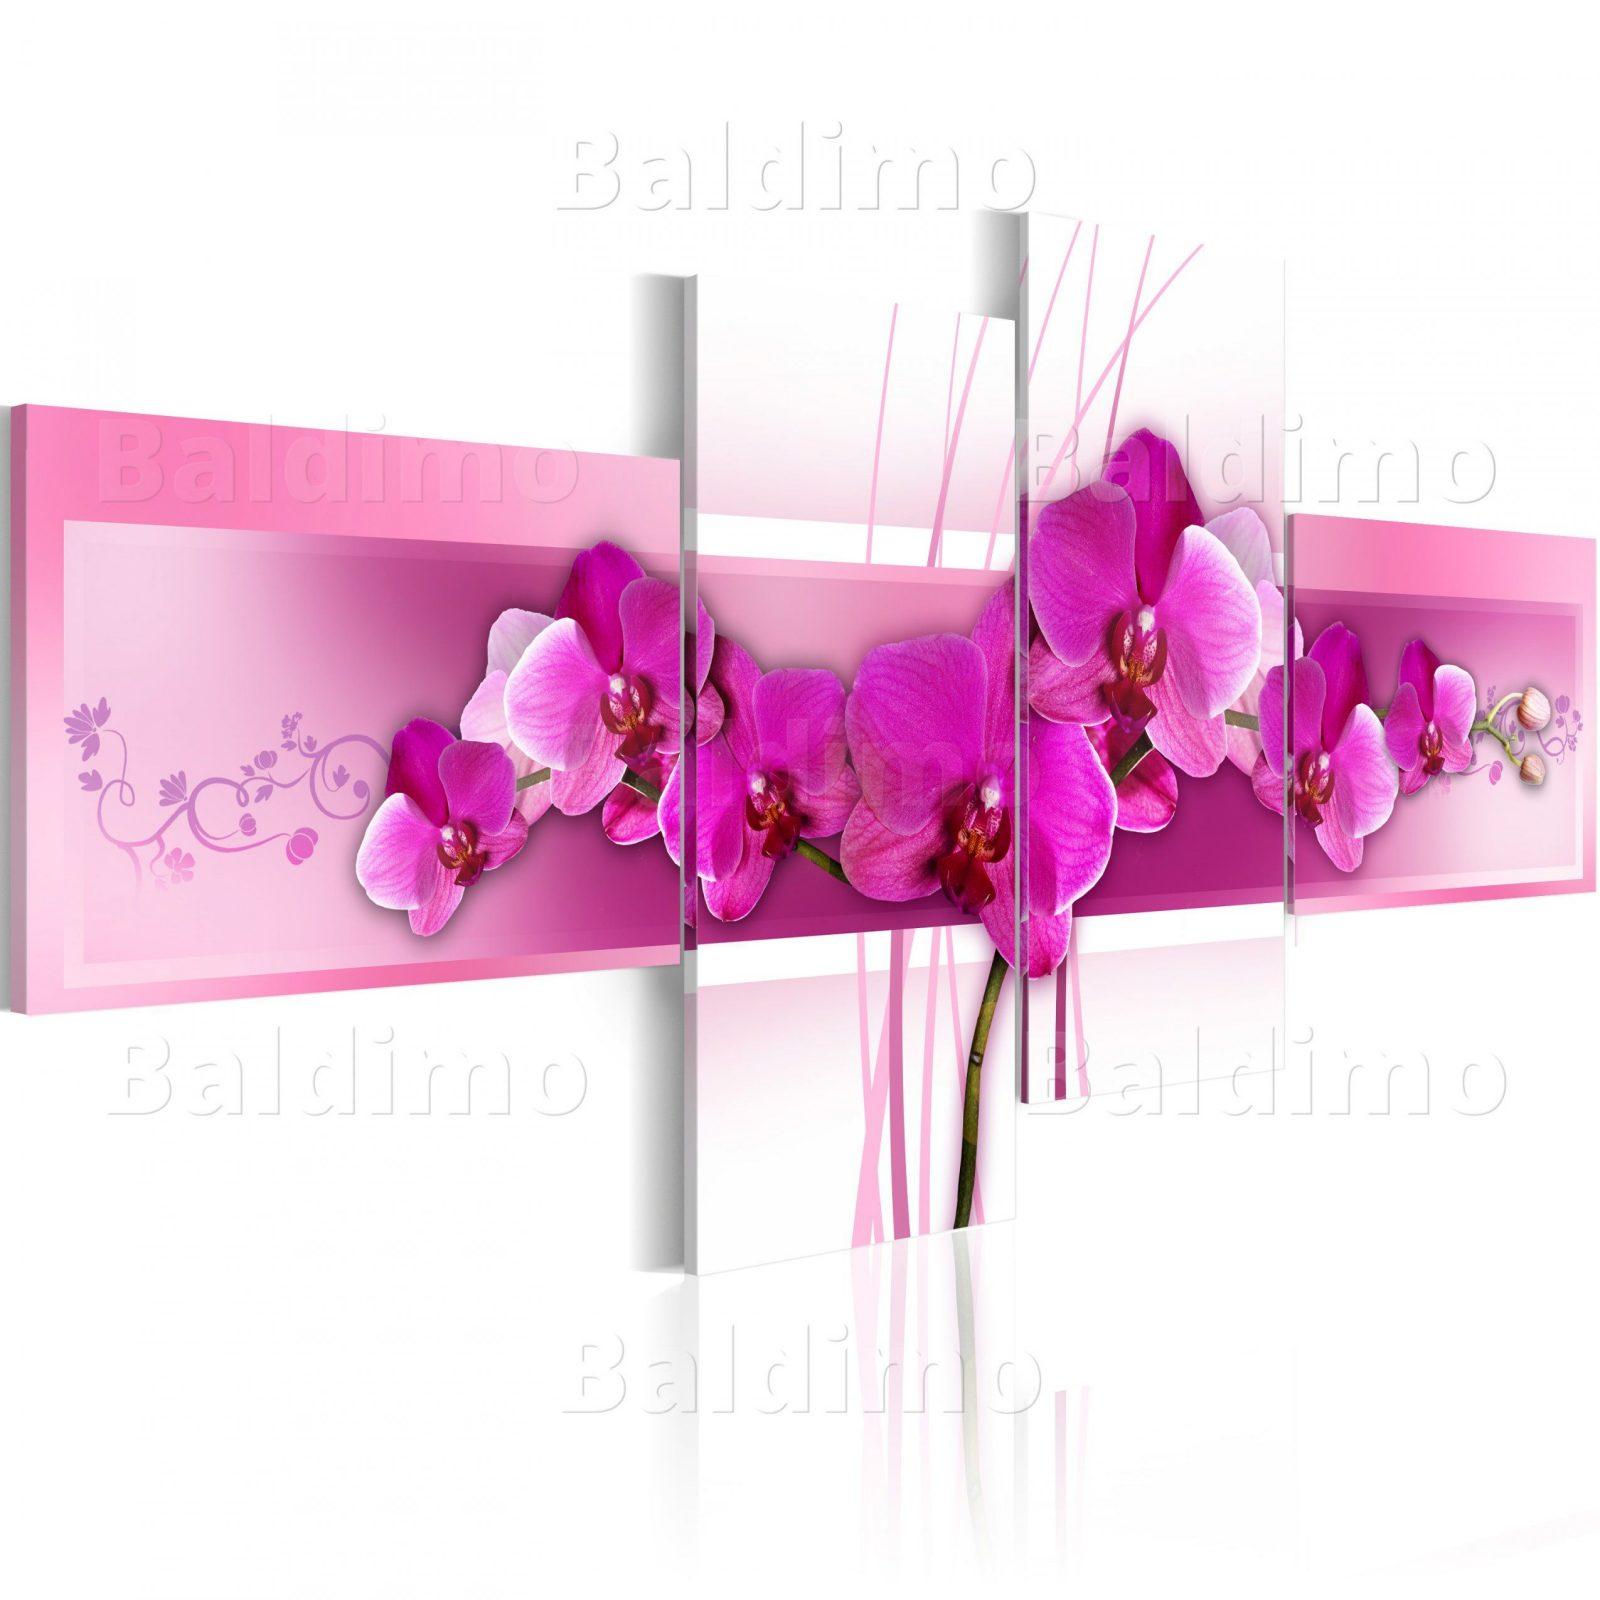 Wandbilder Xxl Blumen Orchidee Leinwand Bilder 4 Teilig Wohnzimmer Von  Orchideen Bilder Auf Leinwand Photo